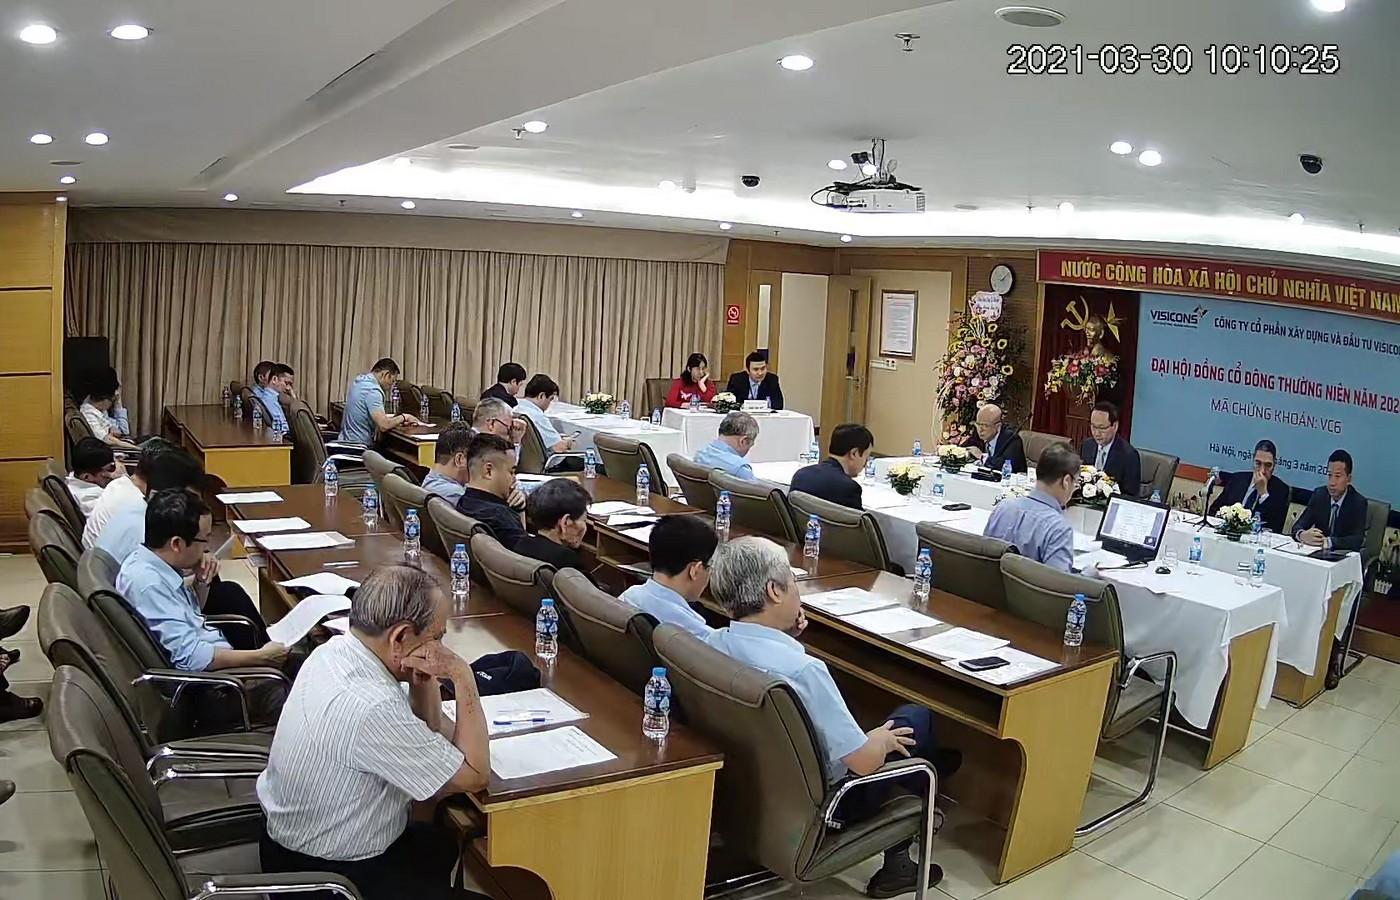 Đại hội đồng cổ đông thường niên năm 2021 Công ty CP Xây dựng và Đầu tư Visicons